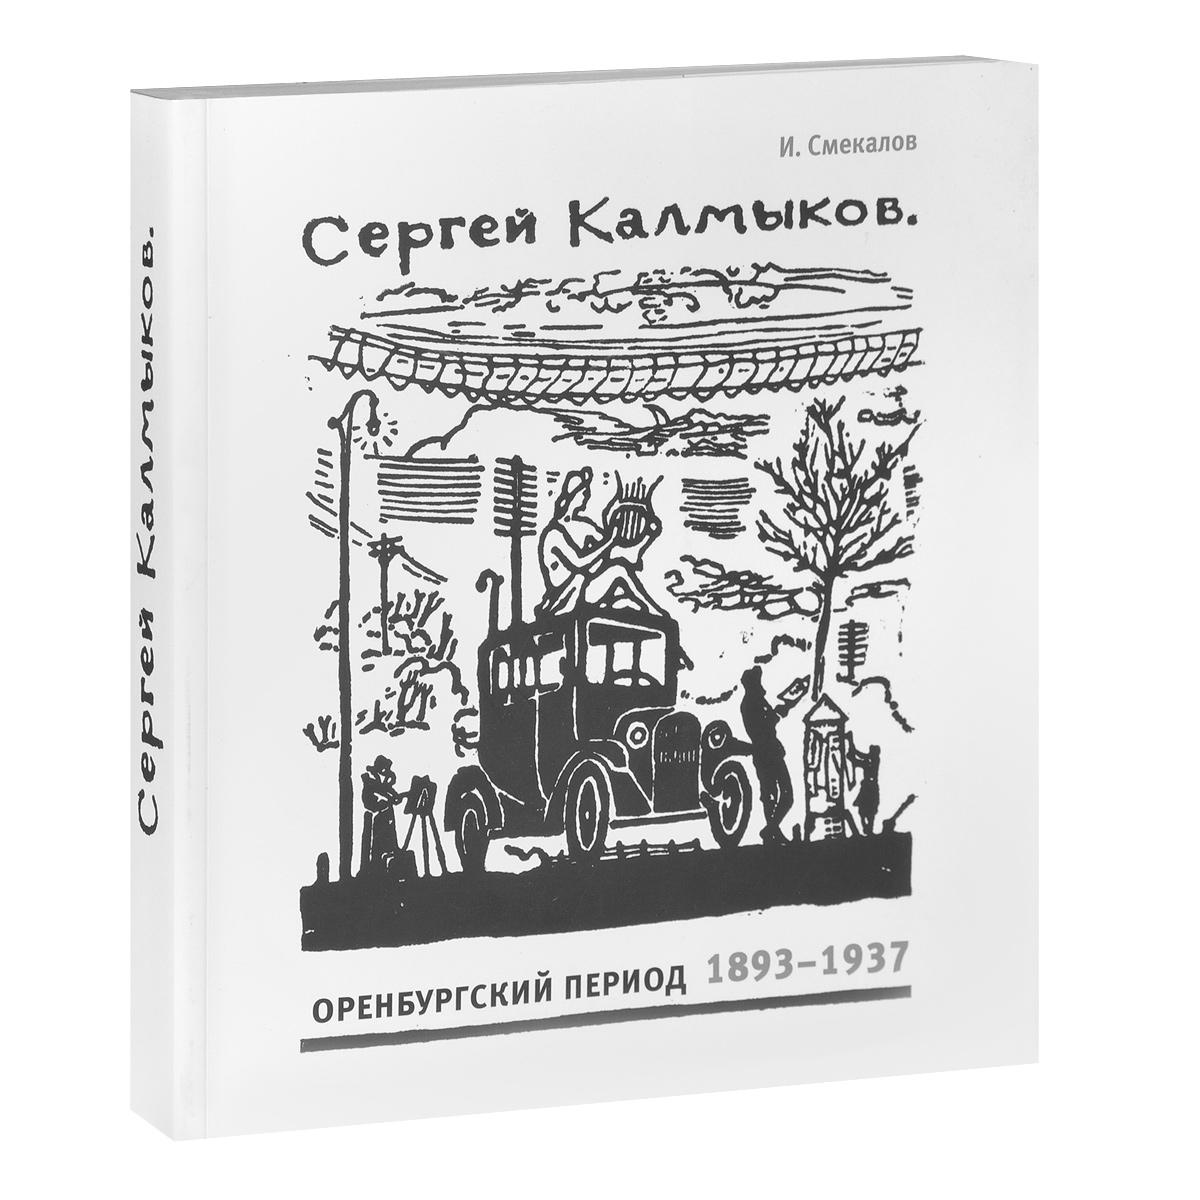 Сергей Калмыков. Оренбургский период. 1893-1937